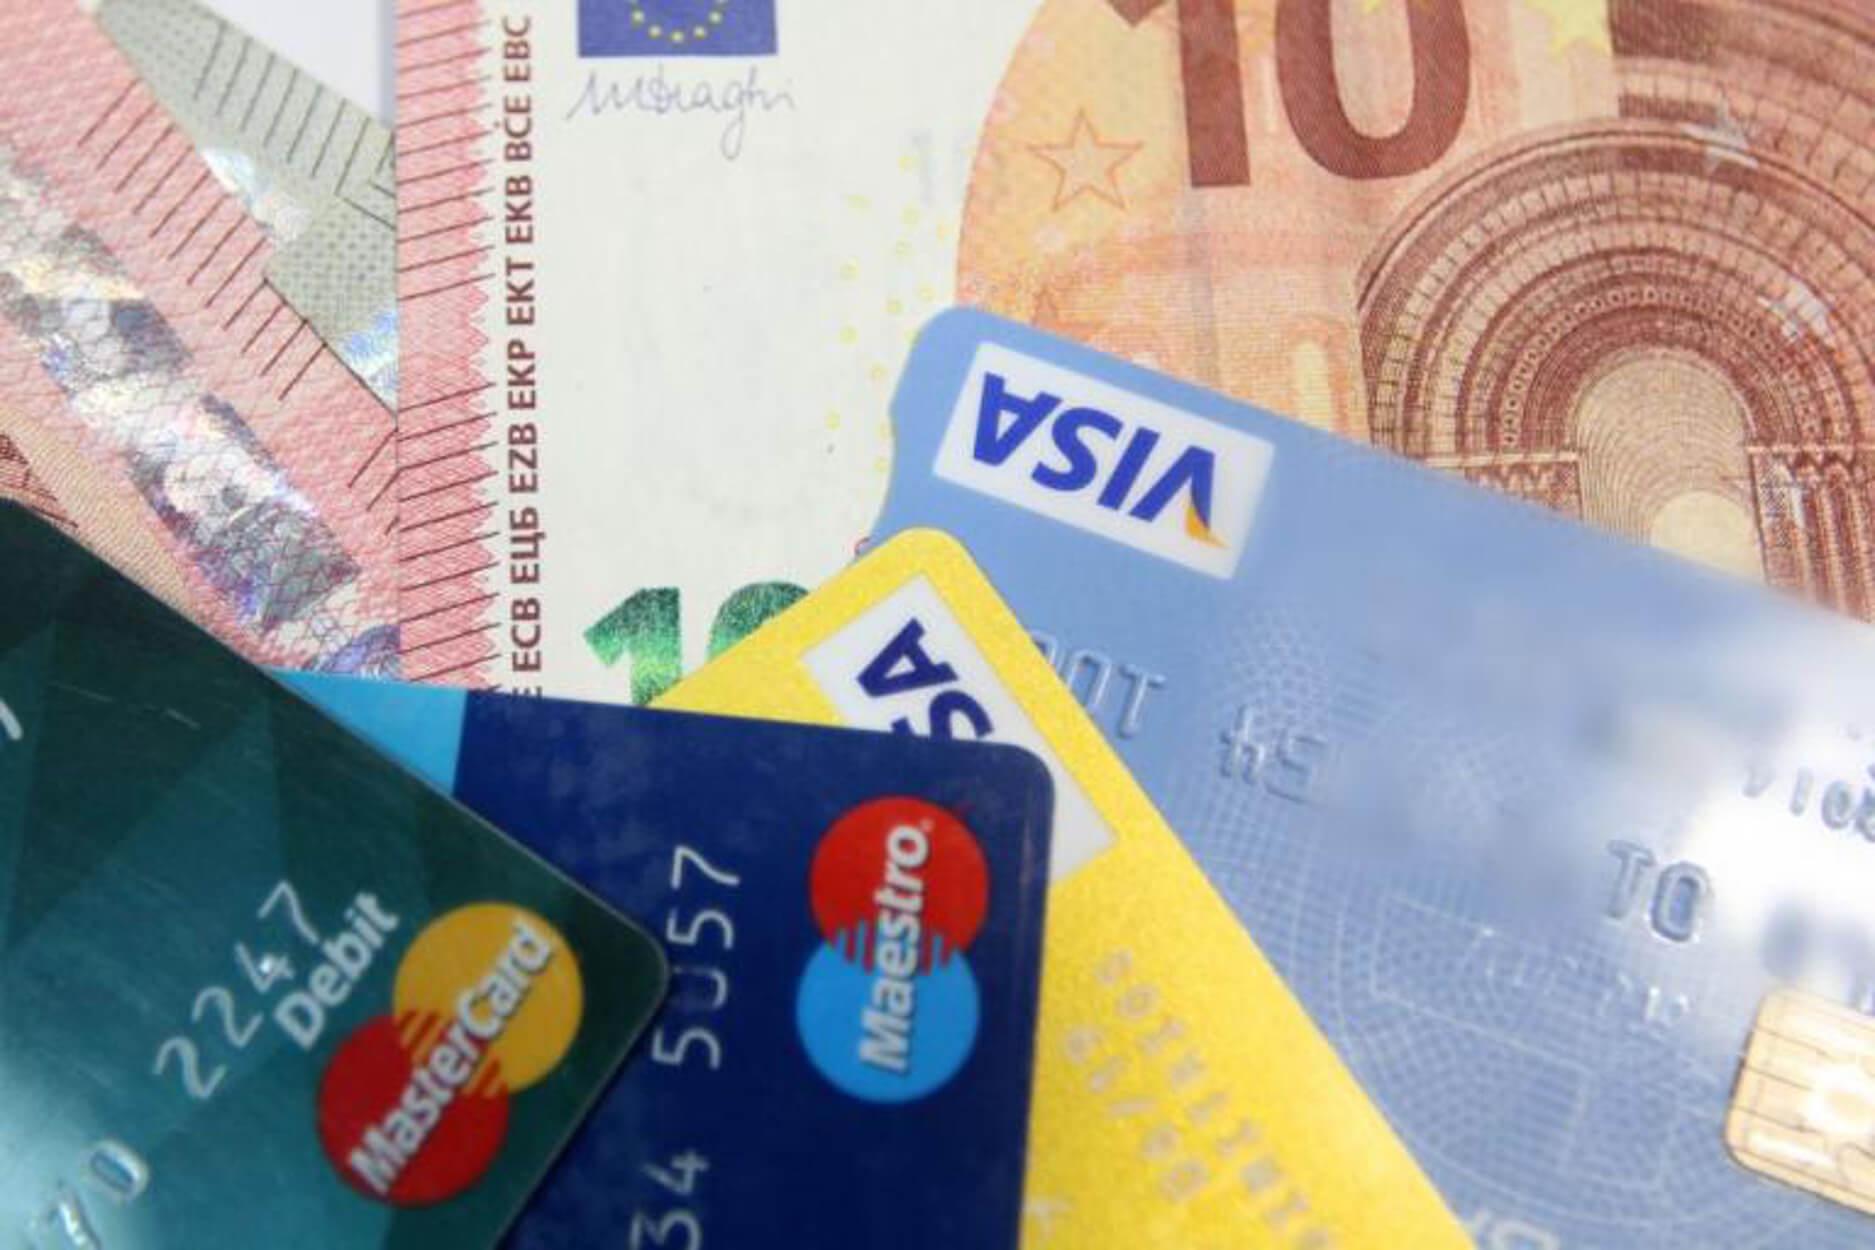 Αλλαγές στην φορολοταρία των 1.000 ευρώ! Τα σενάρια που εξετάζονται